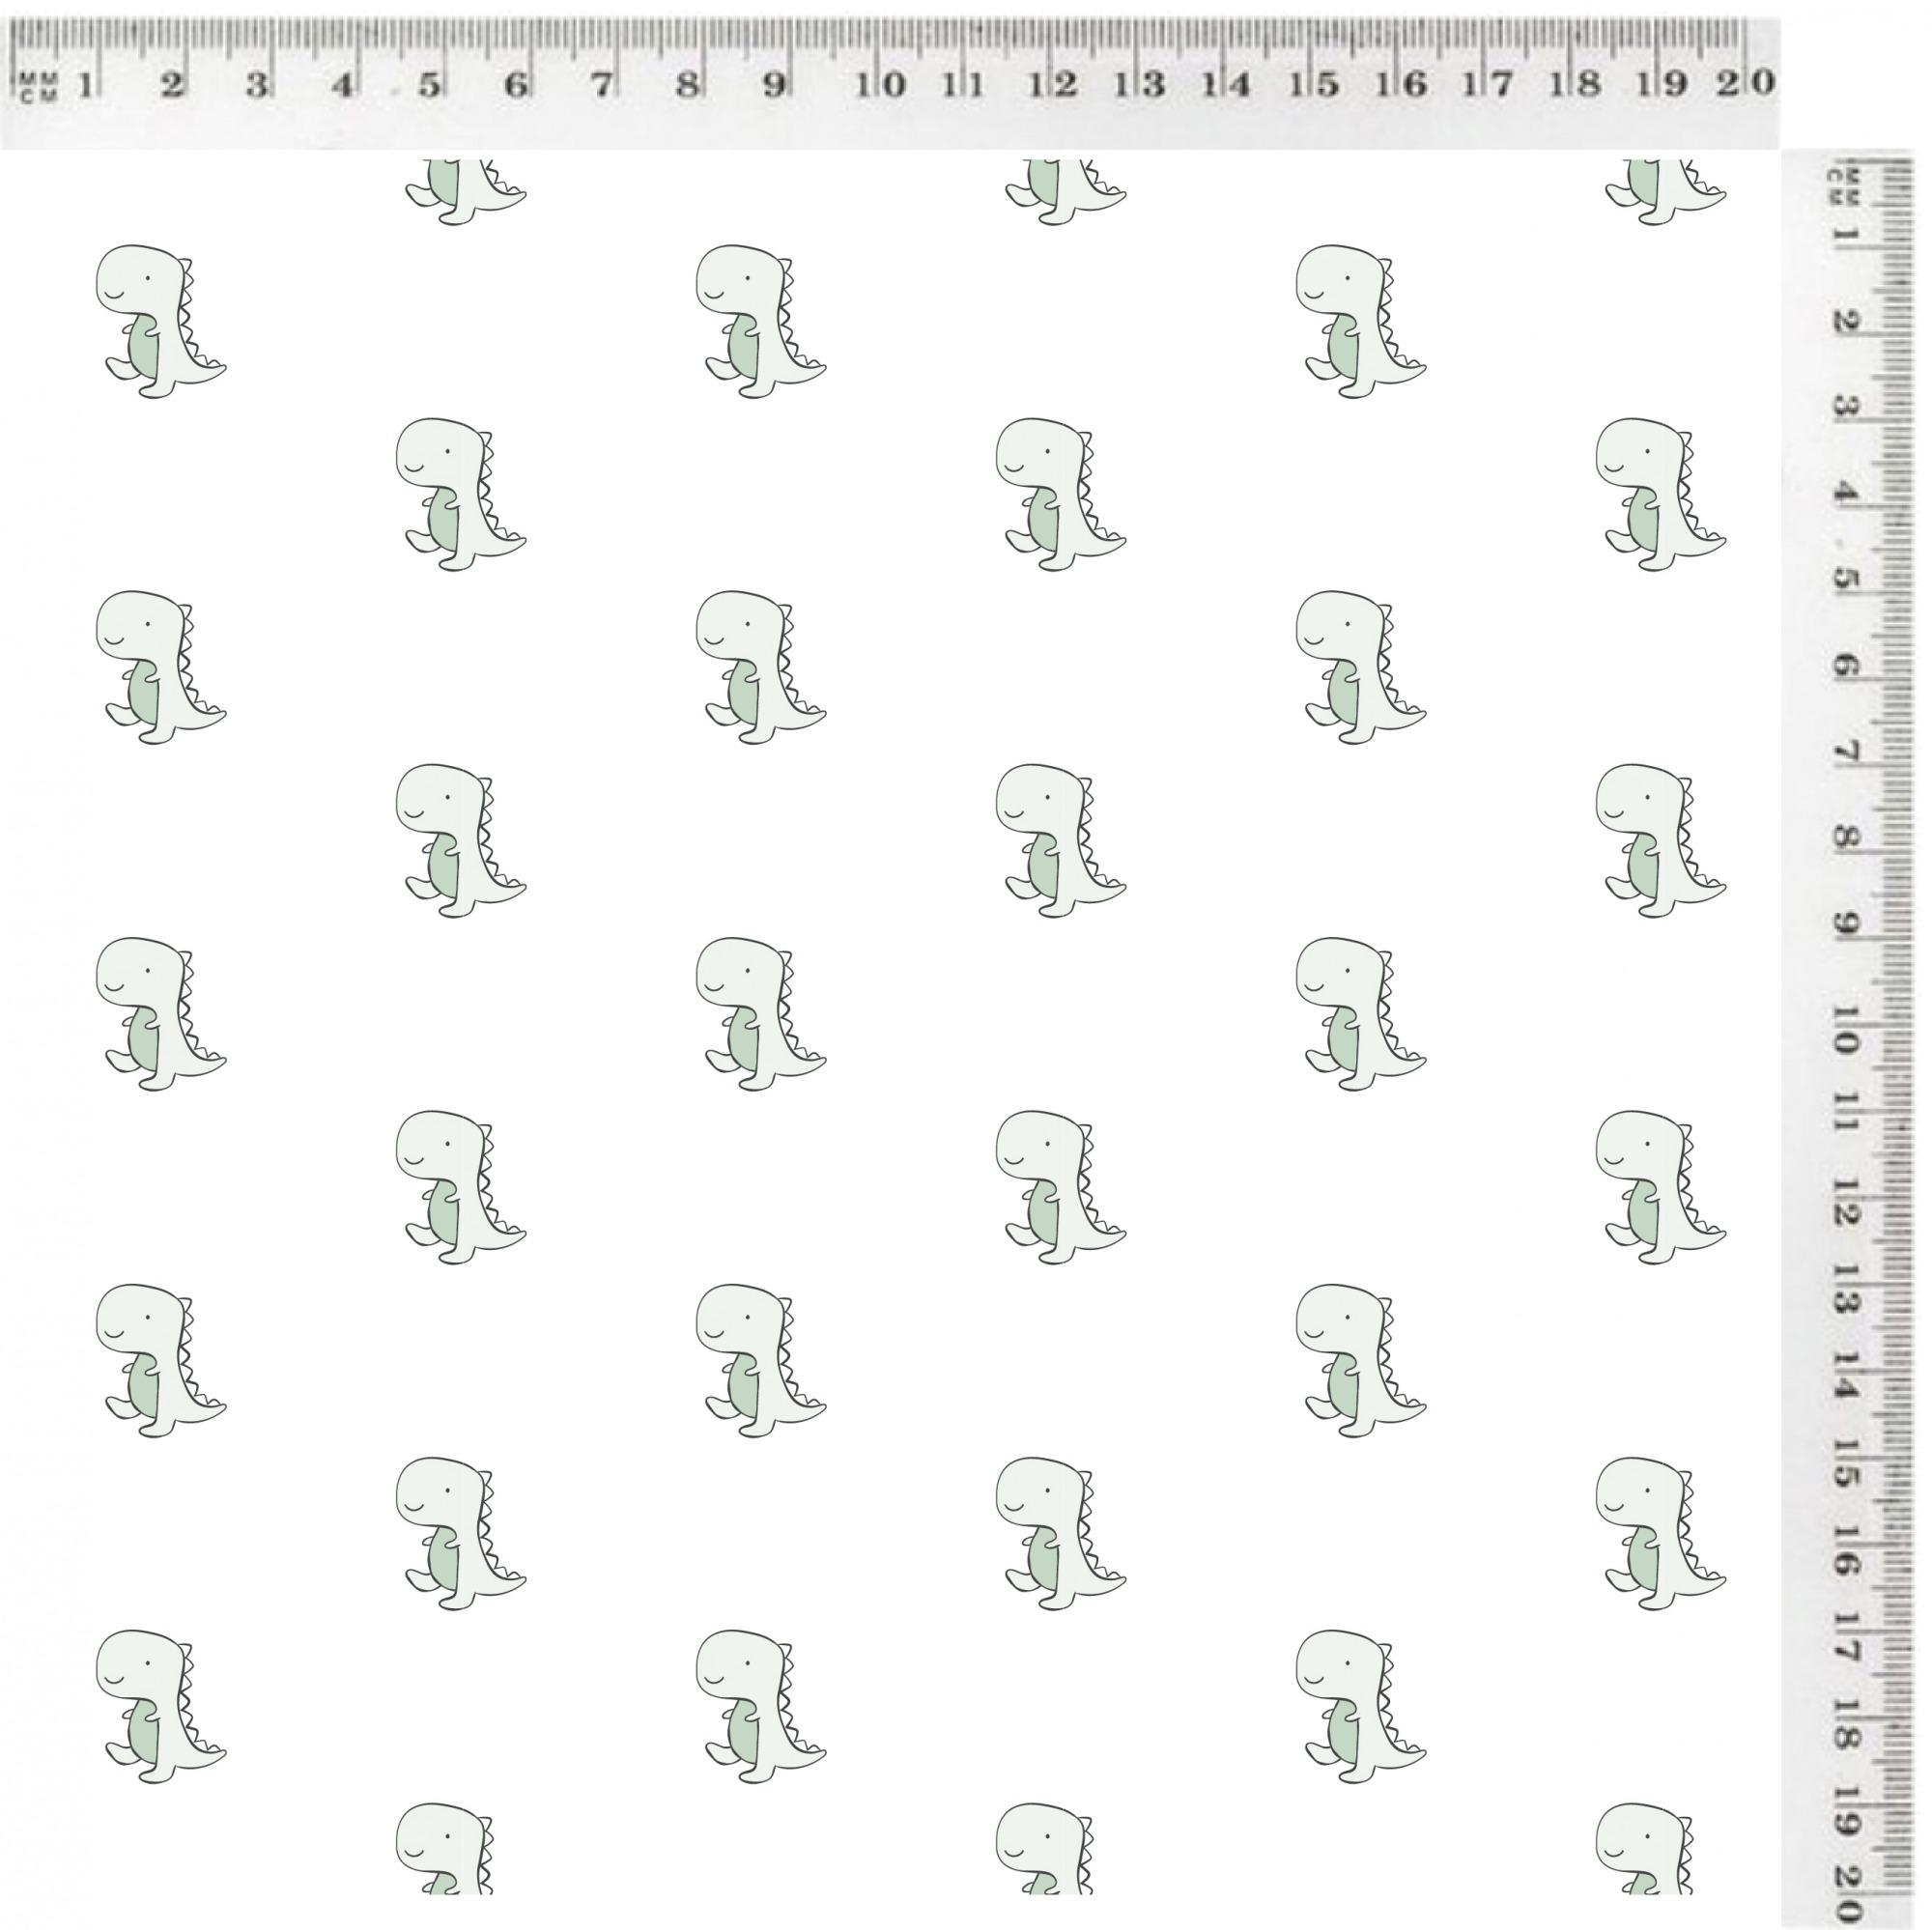 Motif enfantin, E8, Votre échelle - POP'Home, Pop Home, produits éco-responsables, produits éco-responsables français, produits éco-responsables made in France, produits personnalisés, produits personnalisés français, produits personnalisés made in France, produits personnalisables, produits personnalisables français, produits personnalisables made in France, produits made in France, produits français, textiles éco-responsables, textiles éco-responsables français, textiles éco-responsables made in France, textiles français, textiles made in France, textiles personnalisés, textiles personnalisés français, textiles personnalisés made in France, textiles personnalisables, textiles personnalisables français, textiles personnalisables made in France, motif enfantin, motif géométrique, motif abstrait, motif fleuri, motif figuratif, textiles à motifs, textile à motifs, produits à motifs, produit à motifs, produits à personnaliser, produits salle de bain, produits maison, produits salle de bain personnalisables, produits maison personnalisables, papeterie, papeterie personnalisable, papeterie personnalisé, cadeau personnalisé, idée cadeau, idée cadeau personnalisé, cadeau made in France, made in France, produit unique, produit écologique, décoration d'intérieur, motifs, objet unique, objet personnalisé, objet personnalisable, objet made in France, produit made in France, produits écologiques, objets écologiques, créatrice française, designer, Eloïse Abadia-Pacitti